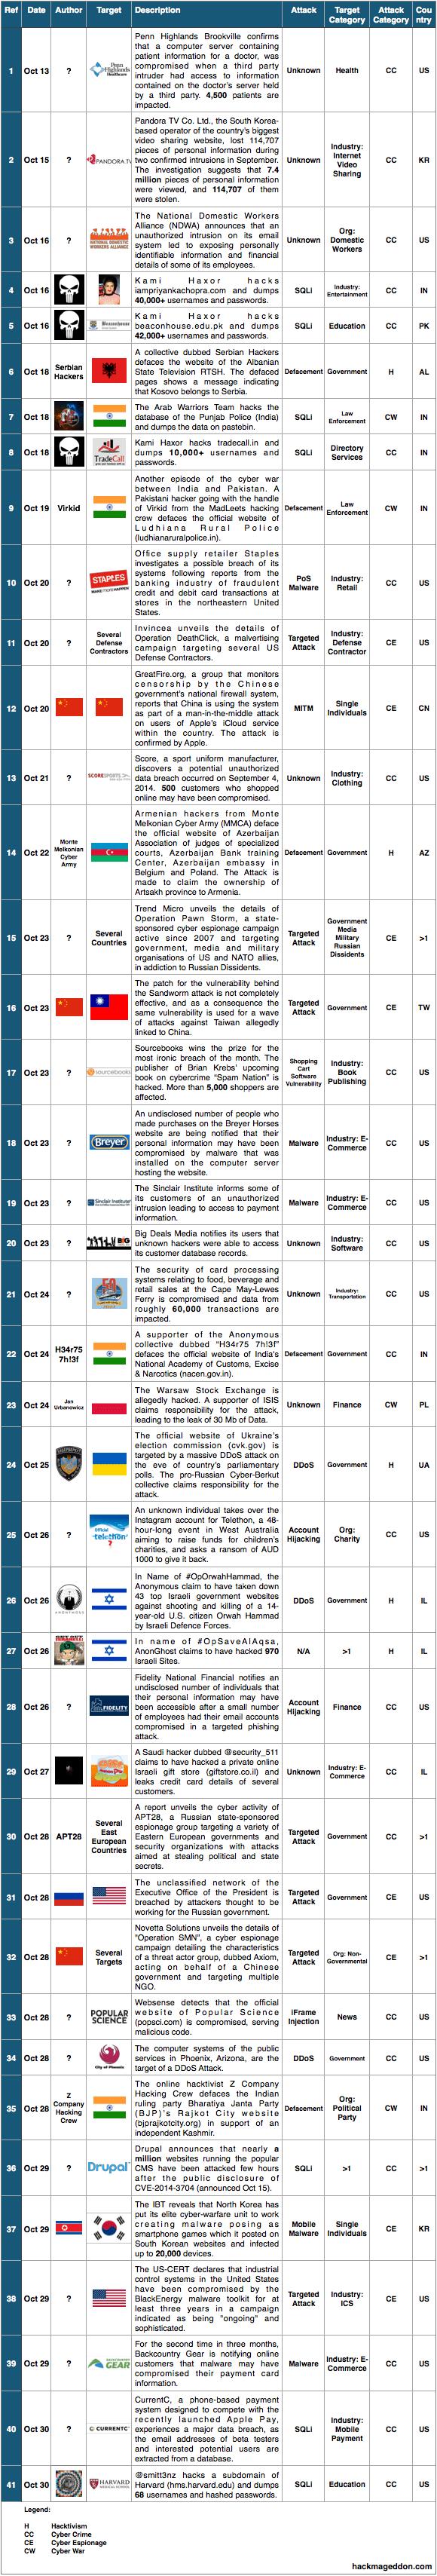 16-31 October 2014 Cyber Attacks Timeline